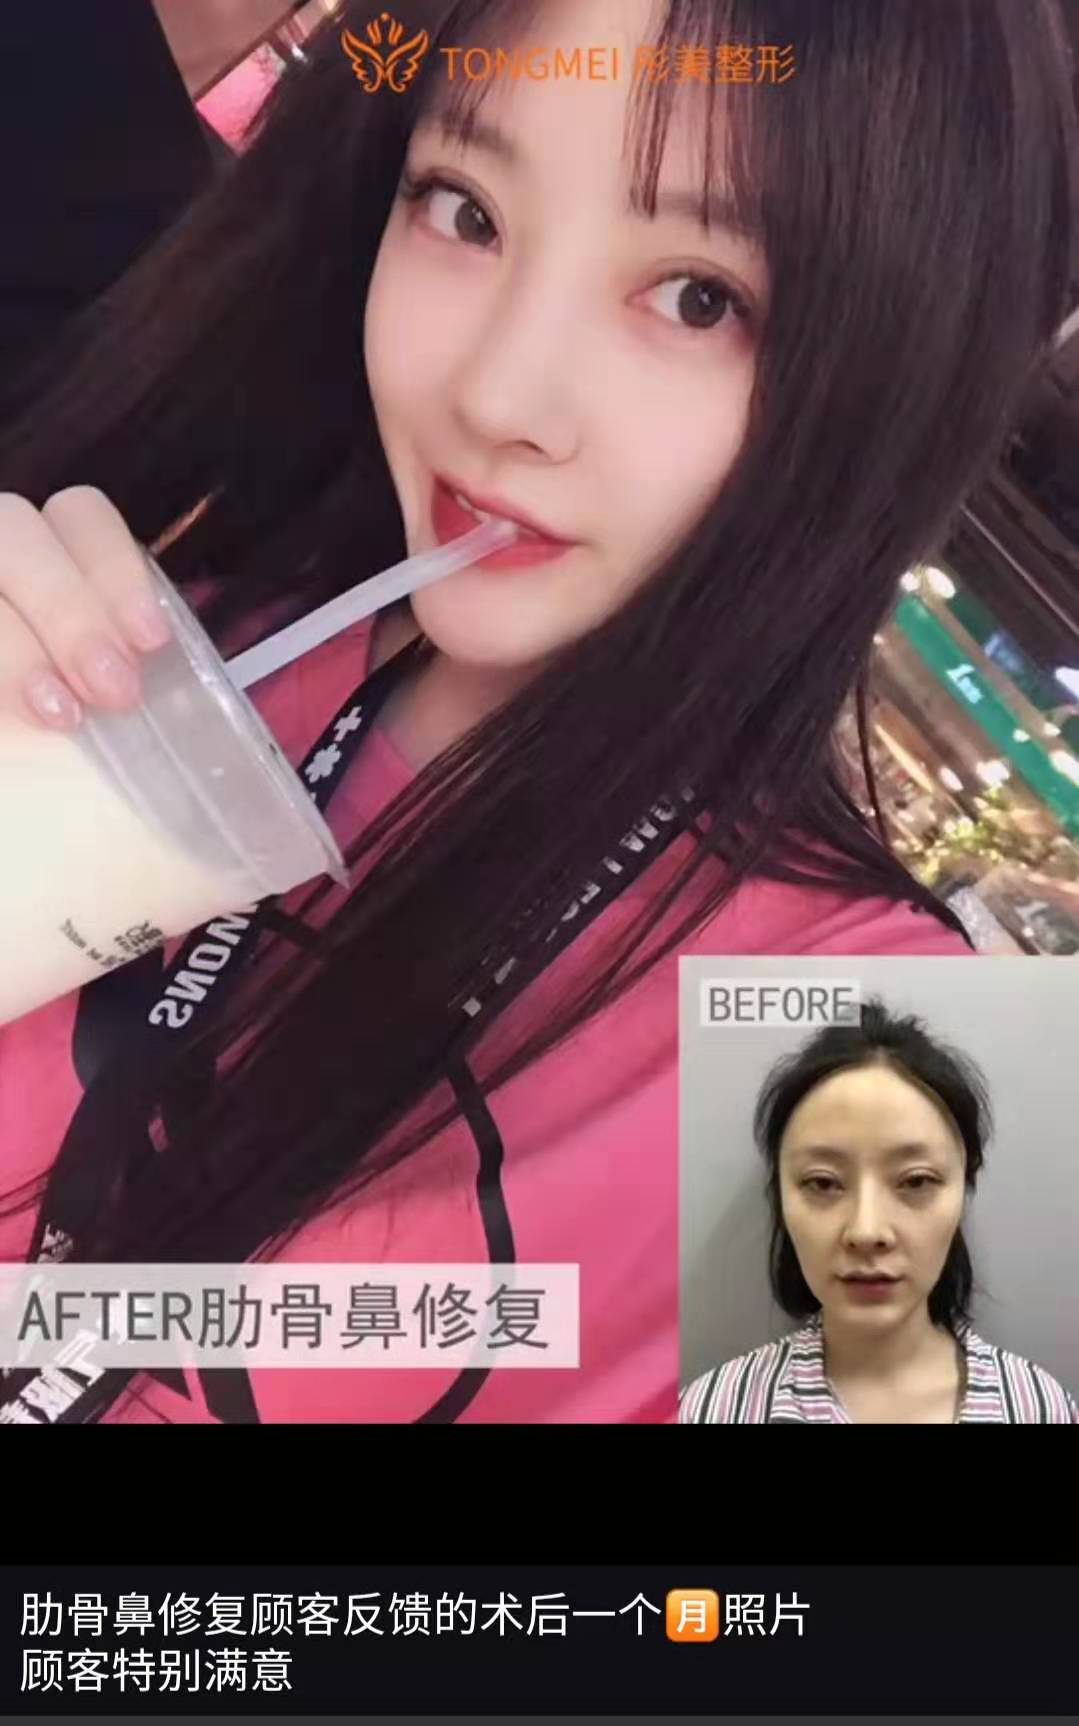 中国顶级鼻修复专家:北京刘彦军李劲良王军和李长赋哪个做鼻修复技术好?